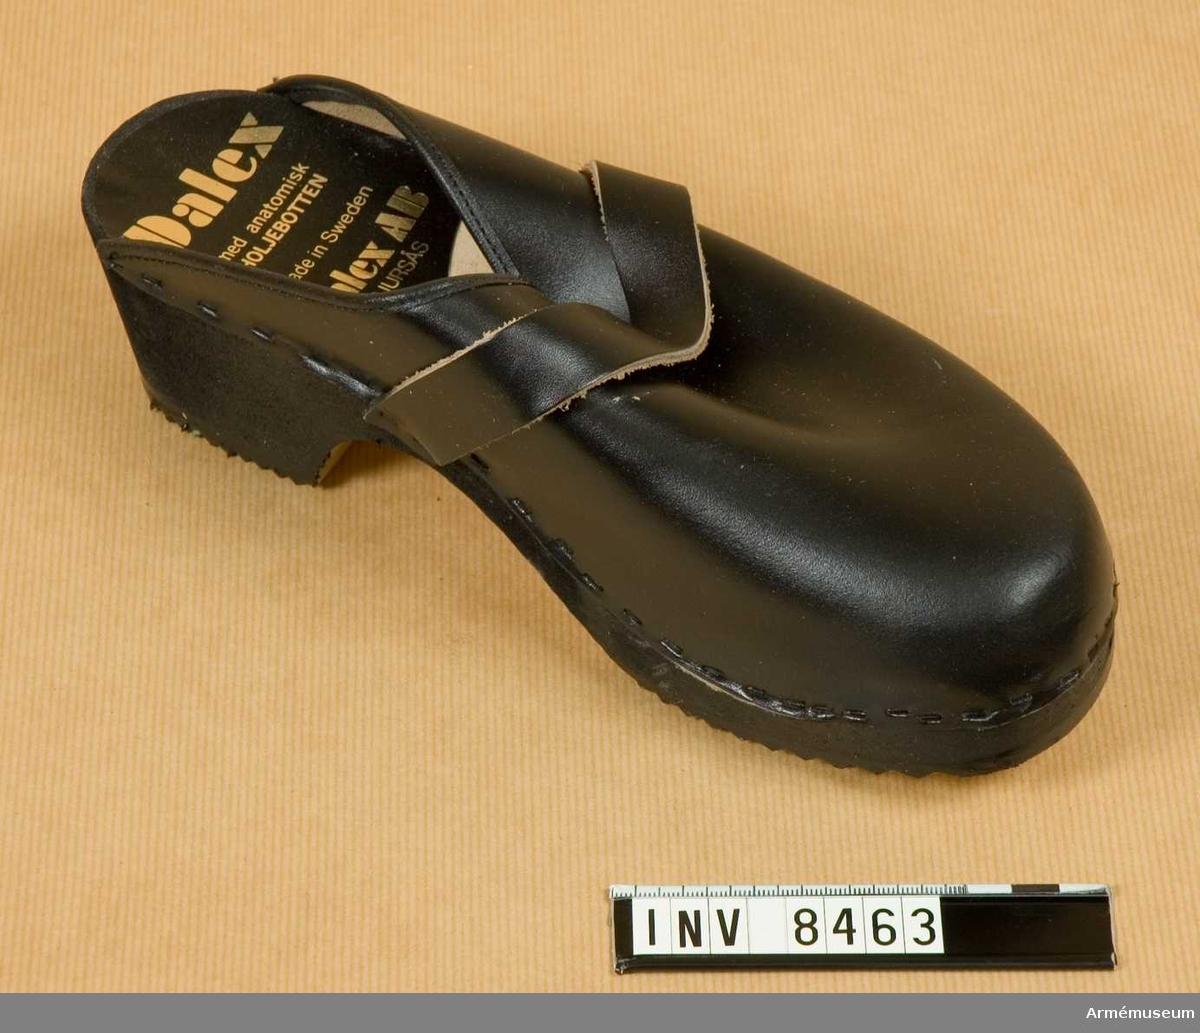 FMV:Bekläd skr 183-06-01 Int A 617:331/83. Av svart läder med anatomisk träbotten. Storlek 41. Kronmärkt i hålforten och märkt i hälen: Dalex med anatomisk HOLJEBOTTEN. Made in Sweden Dalex AB BJURSÅS. Holje är namnet på den räfflade gummisulan.